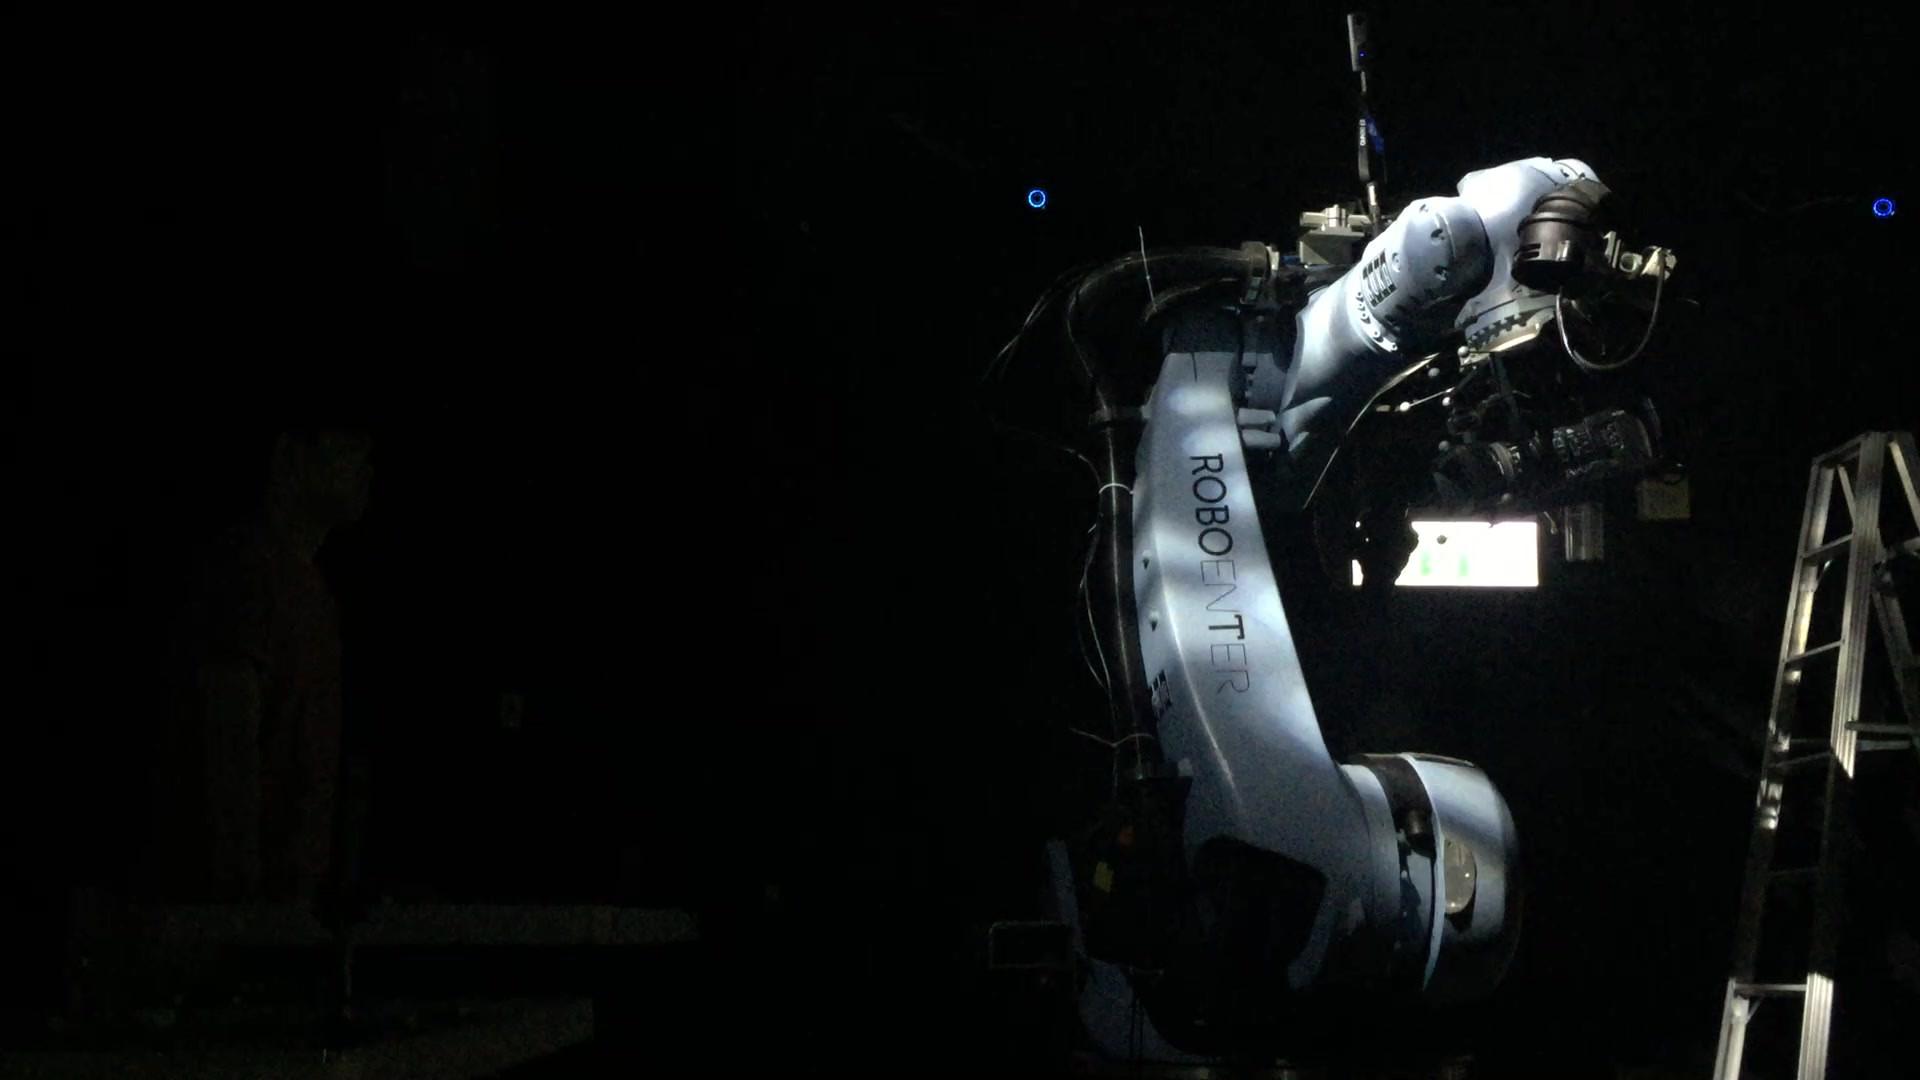 繪聲造影 : 林強+黃心健 擴增實境與機械手臂電子聲響